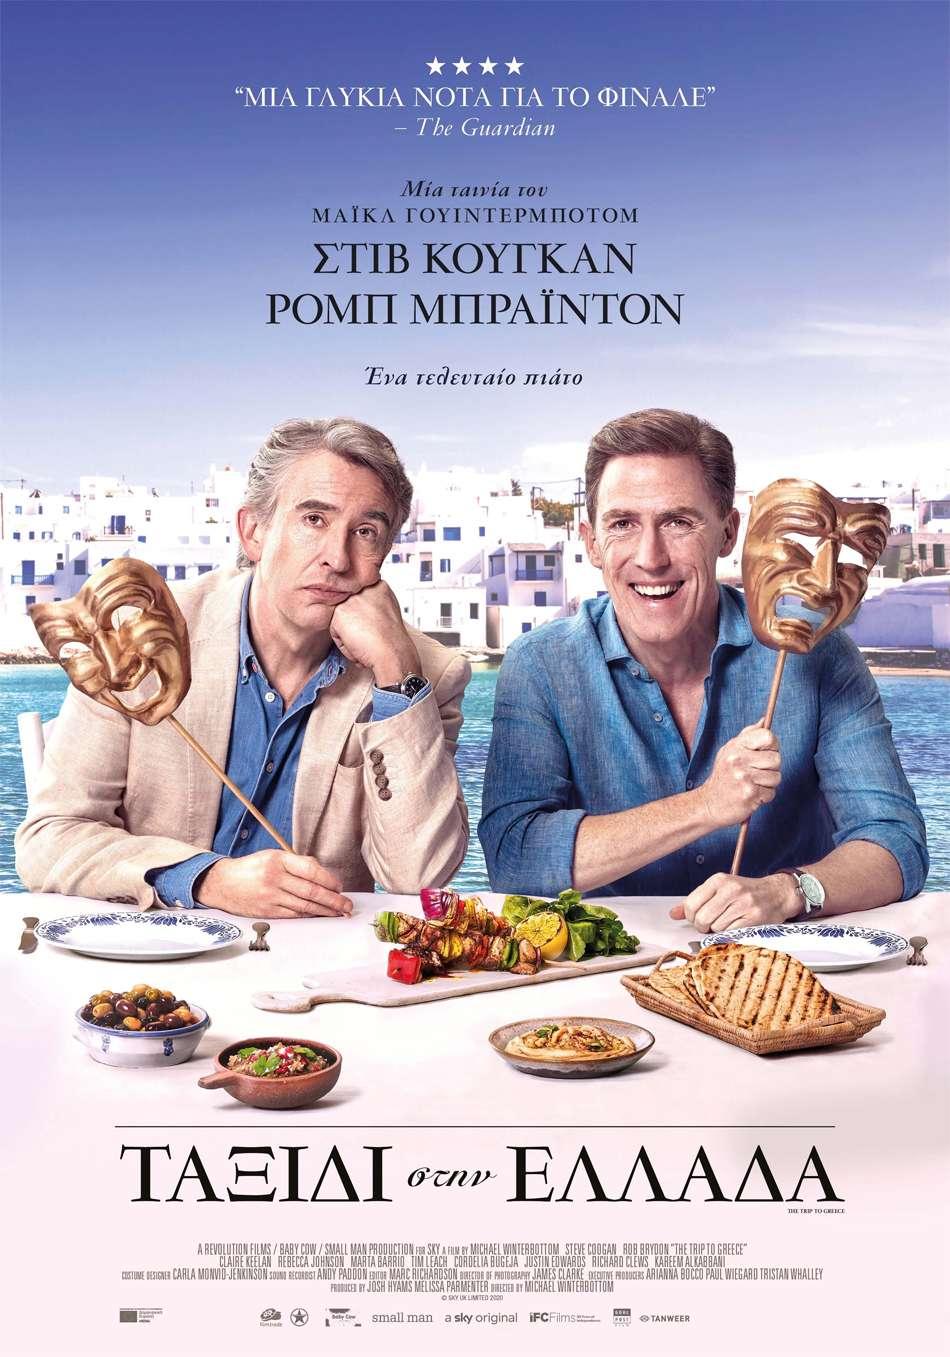 Ταξίδι στην Ελλάδα (The Trip To Greece) Poster